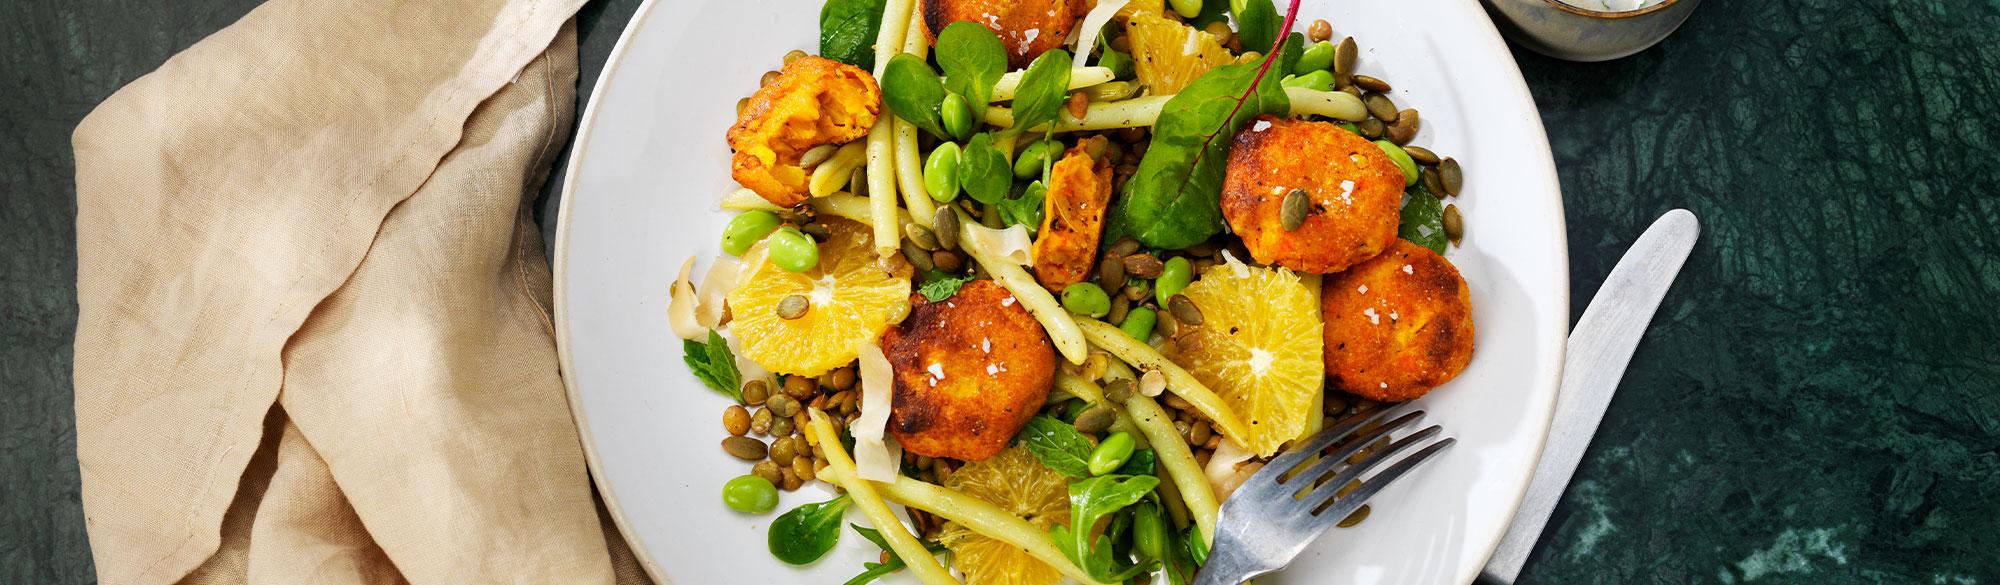 Ricottabiffar med risotto, sojabönor och solmogna tomater